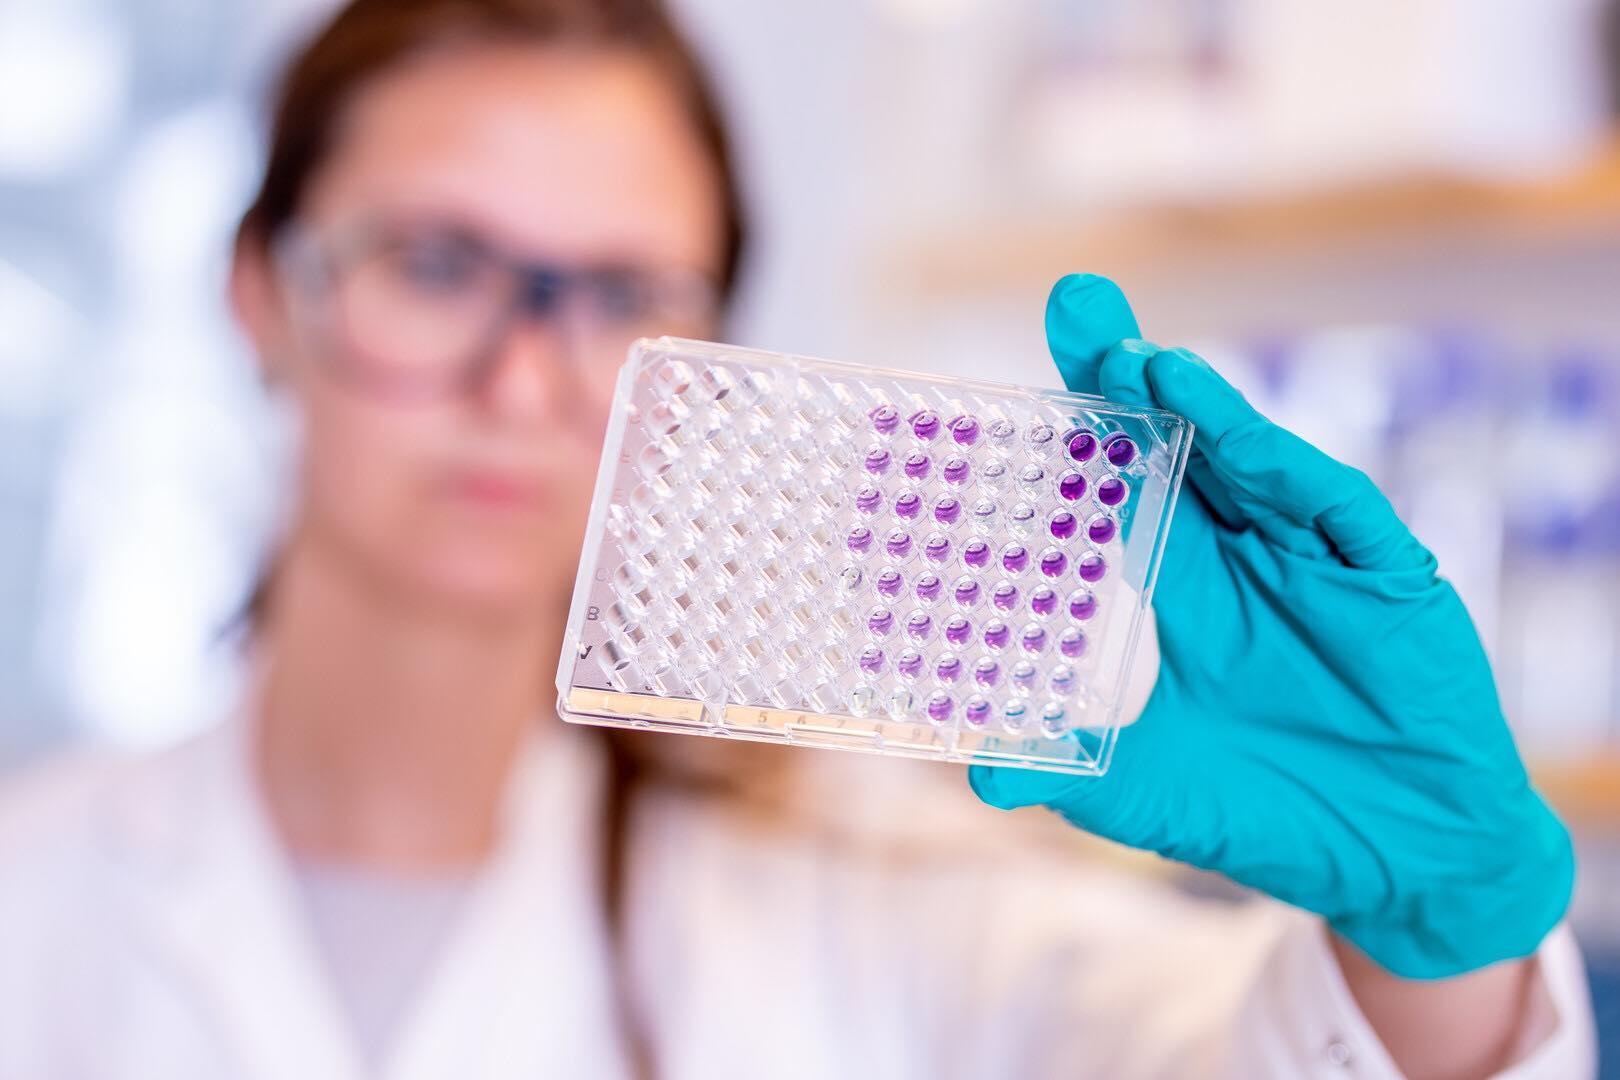 Lô vắc-xin COVID-19 đầu tiên sắp về đến Việt Nam, ai sẽ được tiêm trước? - hình ảnh 1